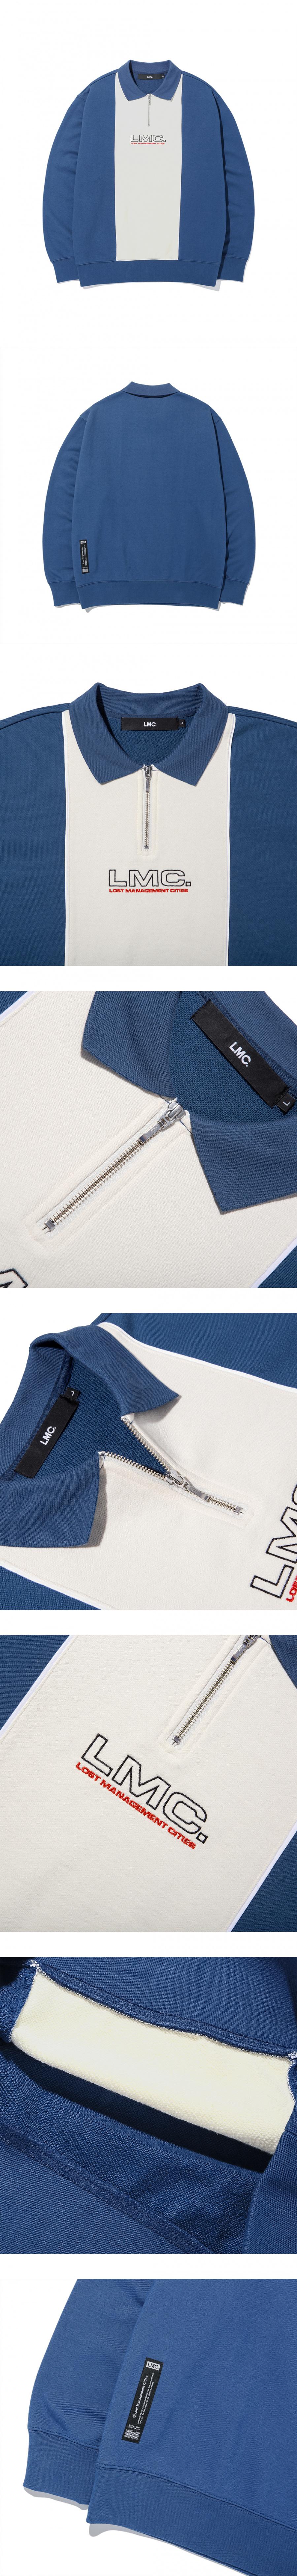 엘엠씨(LMC) LMC COLLAR QUARTER ZIP SWEATSHIRT vtg blue